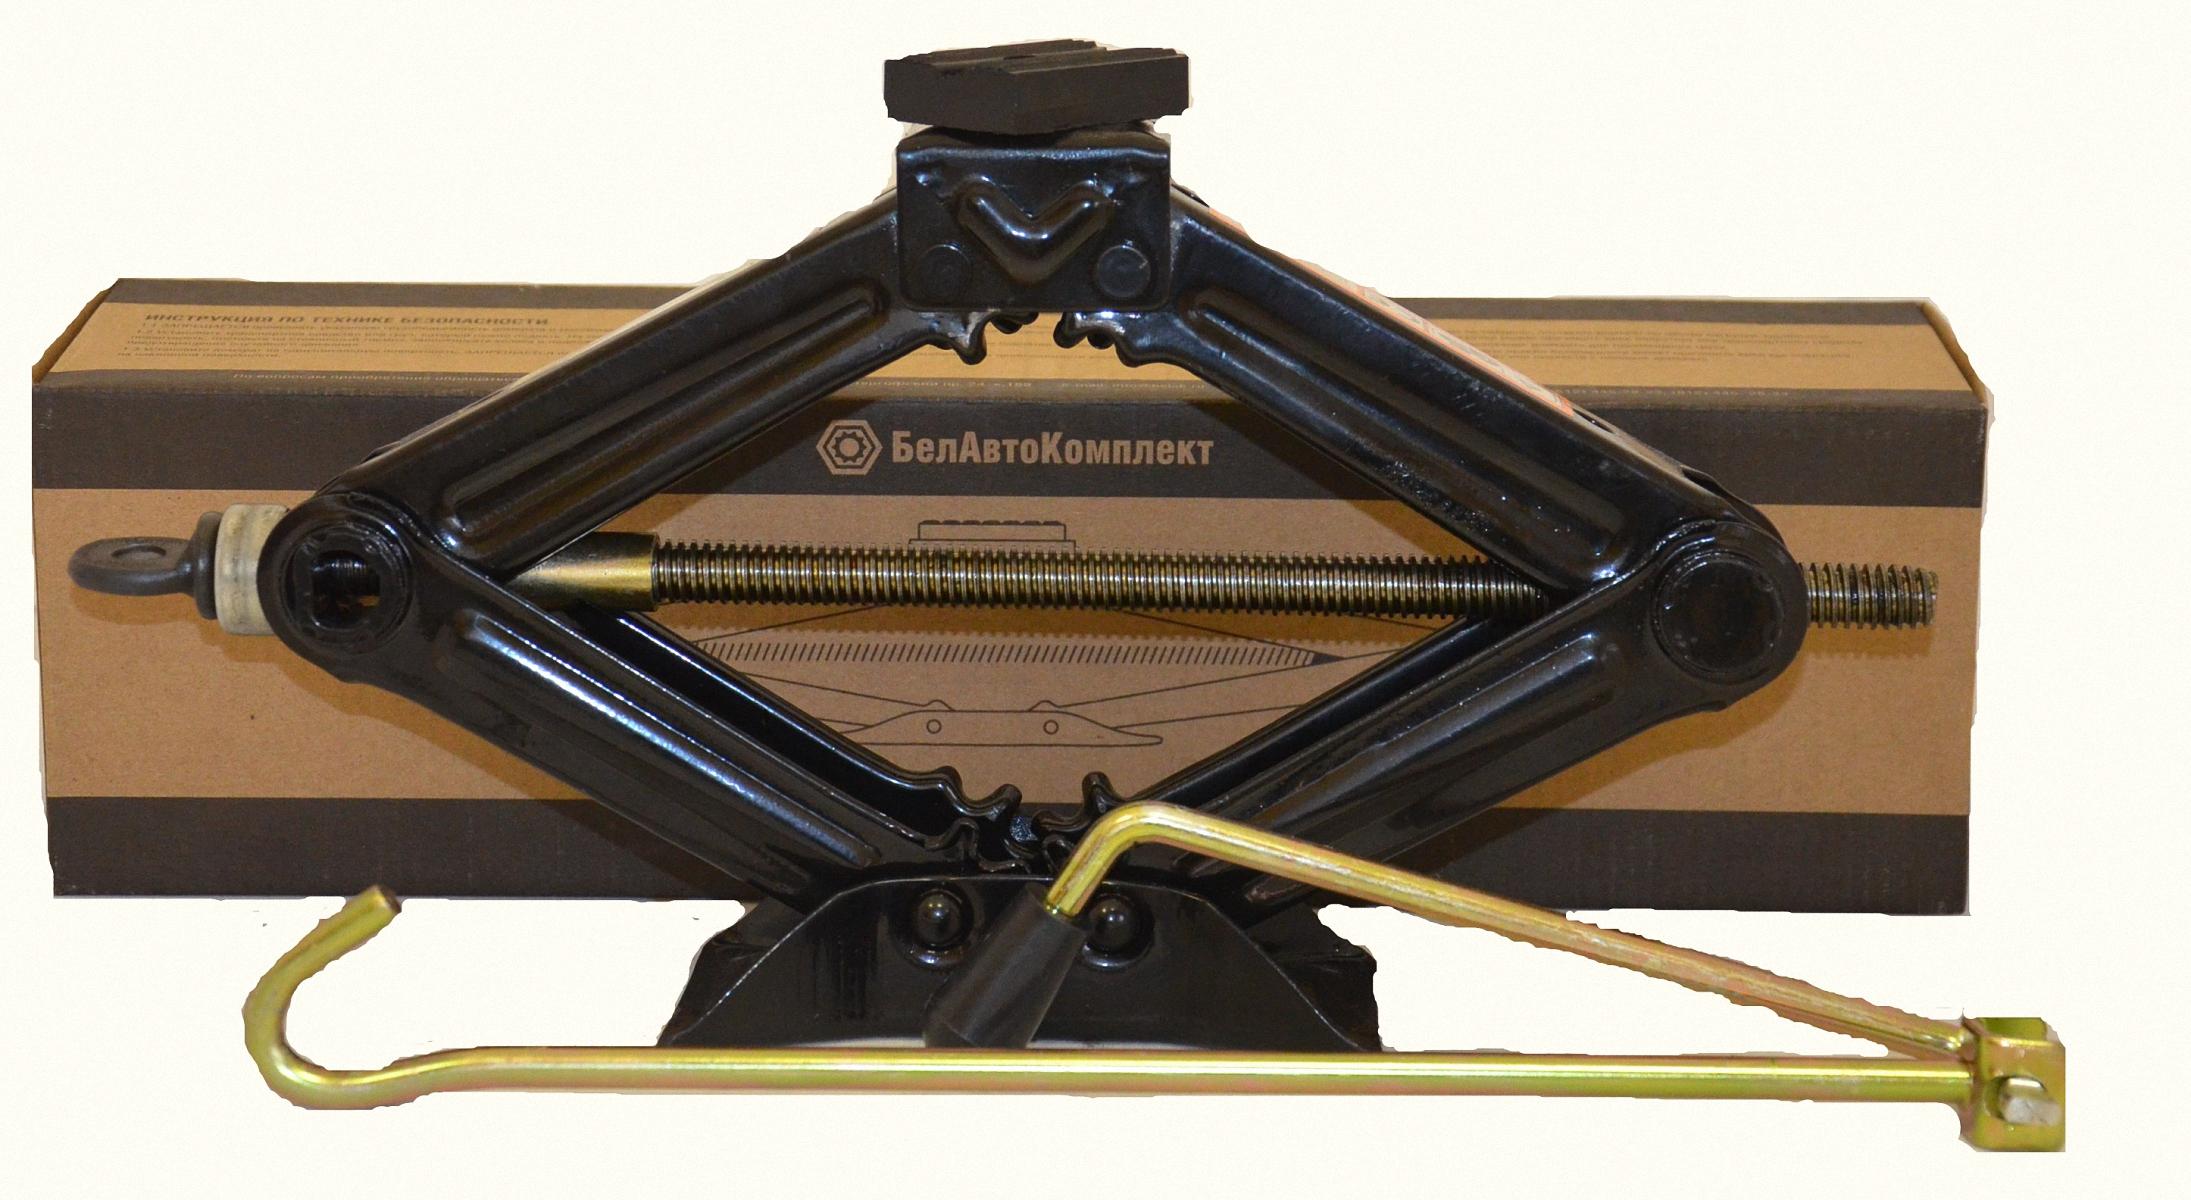 Домкрат бутылочный БелАвтоКомплект, ромбический, 1 тБАК.00057Домкраты ромбические грузоподъемностью 1 т используются при обслуживании легковых автомобилей. Конструкция этих устройств пользуется большой популярностью благодаря легкости, компактности, удобству эксплуатации. Высота подхвата - 100 мм Высота подъёма - 325 мм габаритная длина - 360 мм габаритная ширина - 80 мм длина рукоятки - 500 мм Опорная платформа - резина Масса складской упаковки - 16 кг масса изделия - 1,6 кг